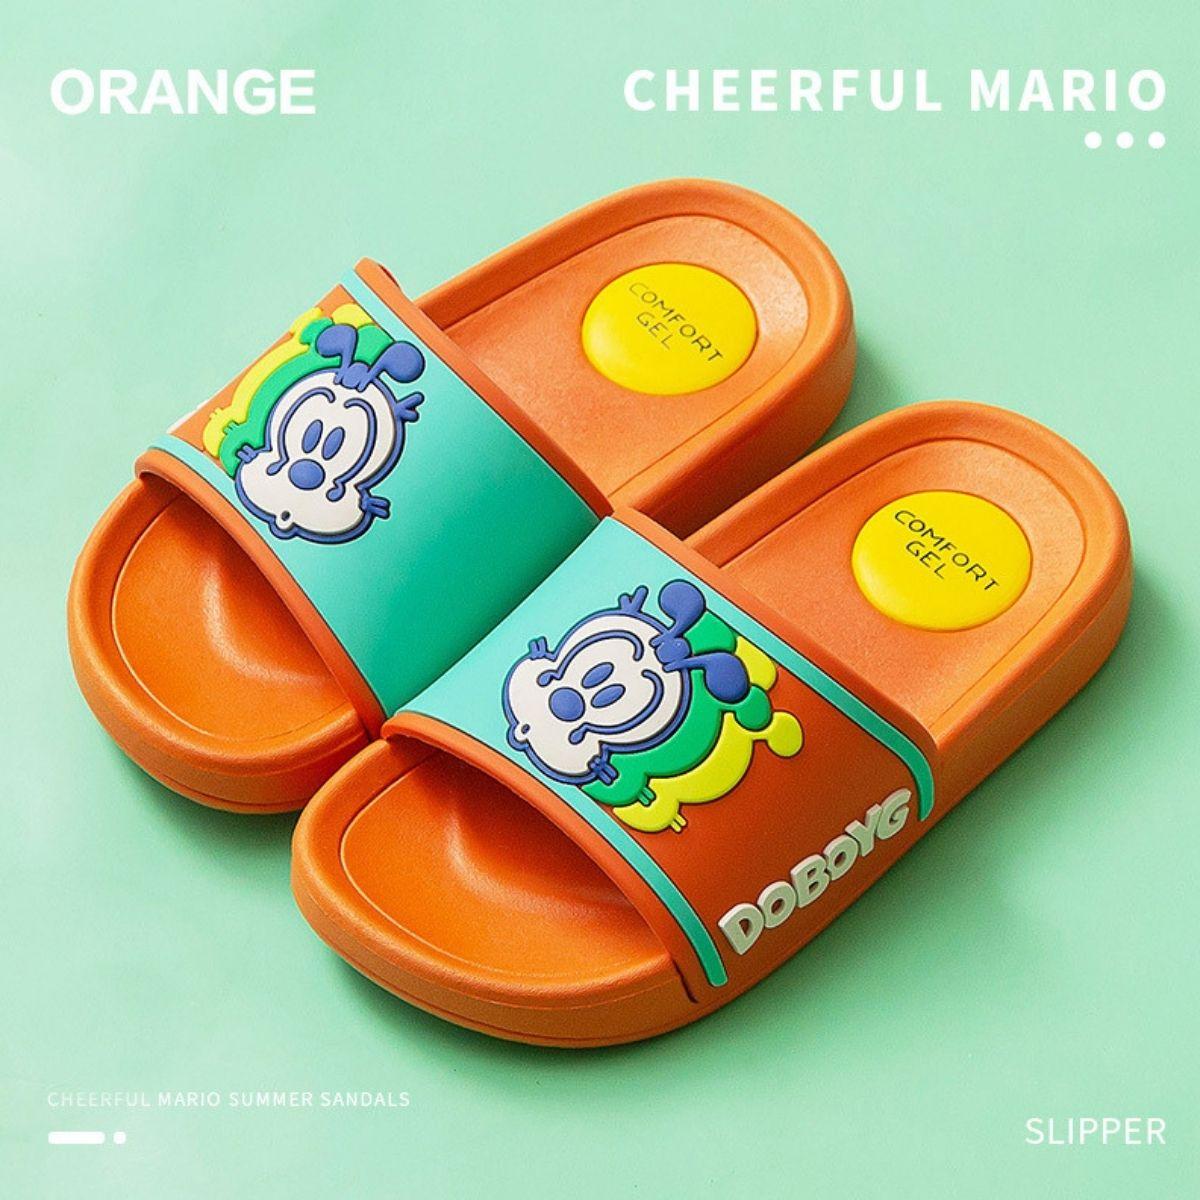 Dép Trẻ Em Cheerful Mario CM - 6102 Siêu Mềm Siêu Nhẹ Chống Trơn Trượt Cho Bé - 5 Màu Đính Sticker Mickey (Kèm Tất Babylovego B101)